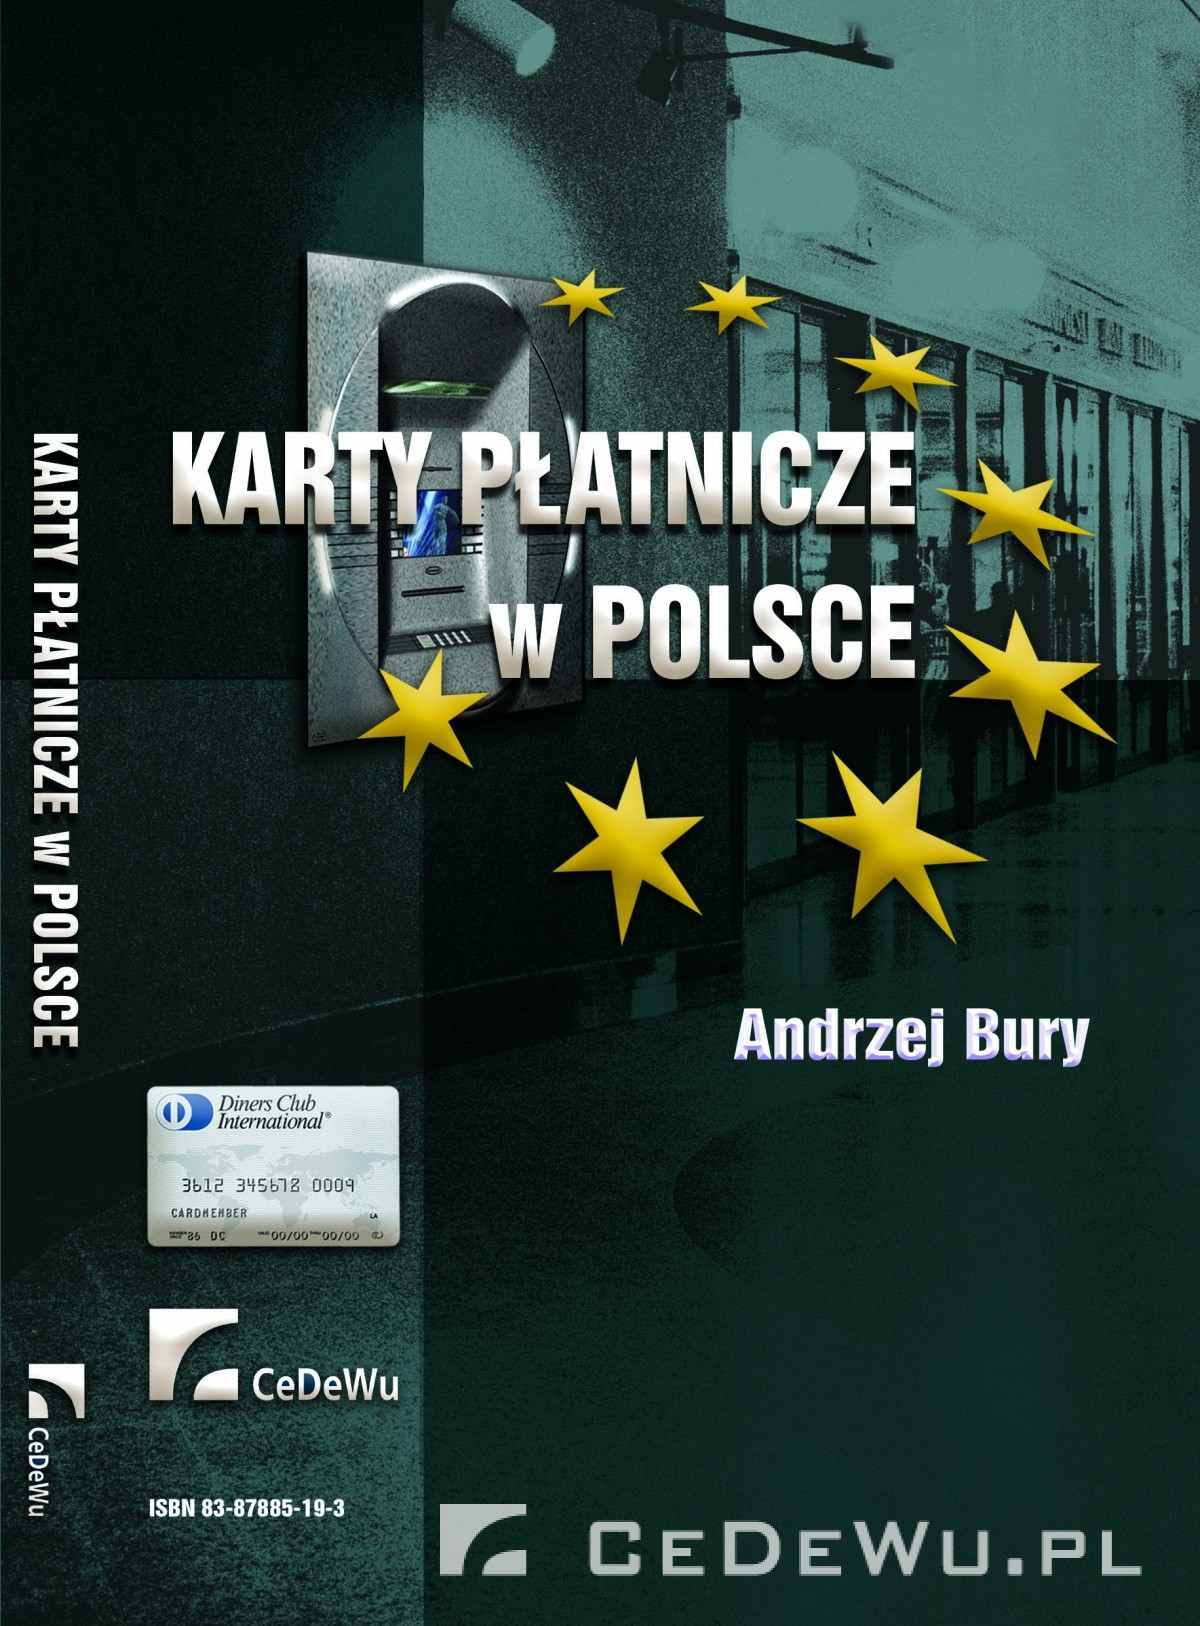 Karty płatnicze w Polsce - Ebook (Książka PDF) do pobrania w formacie PDF